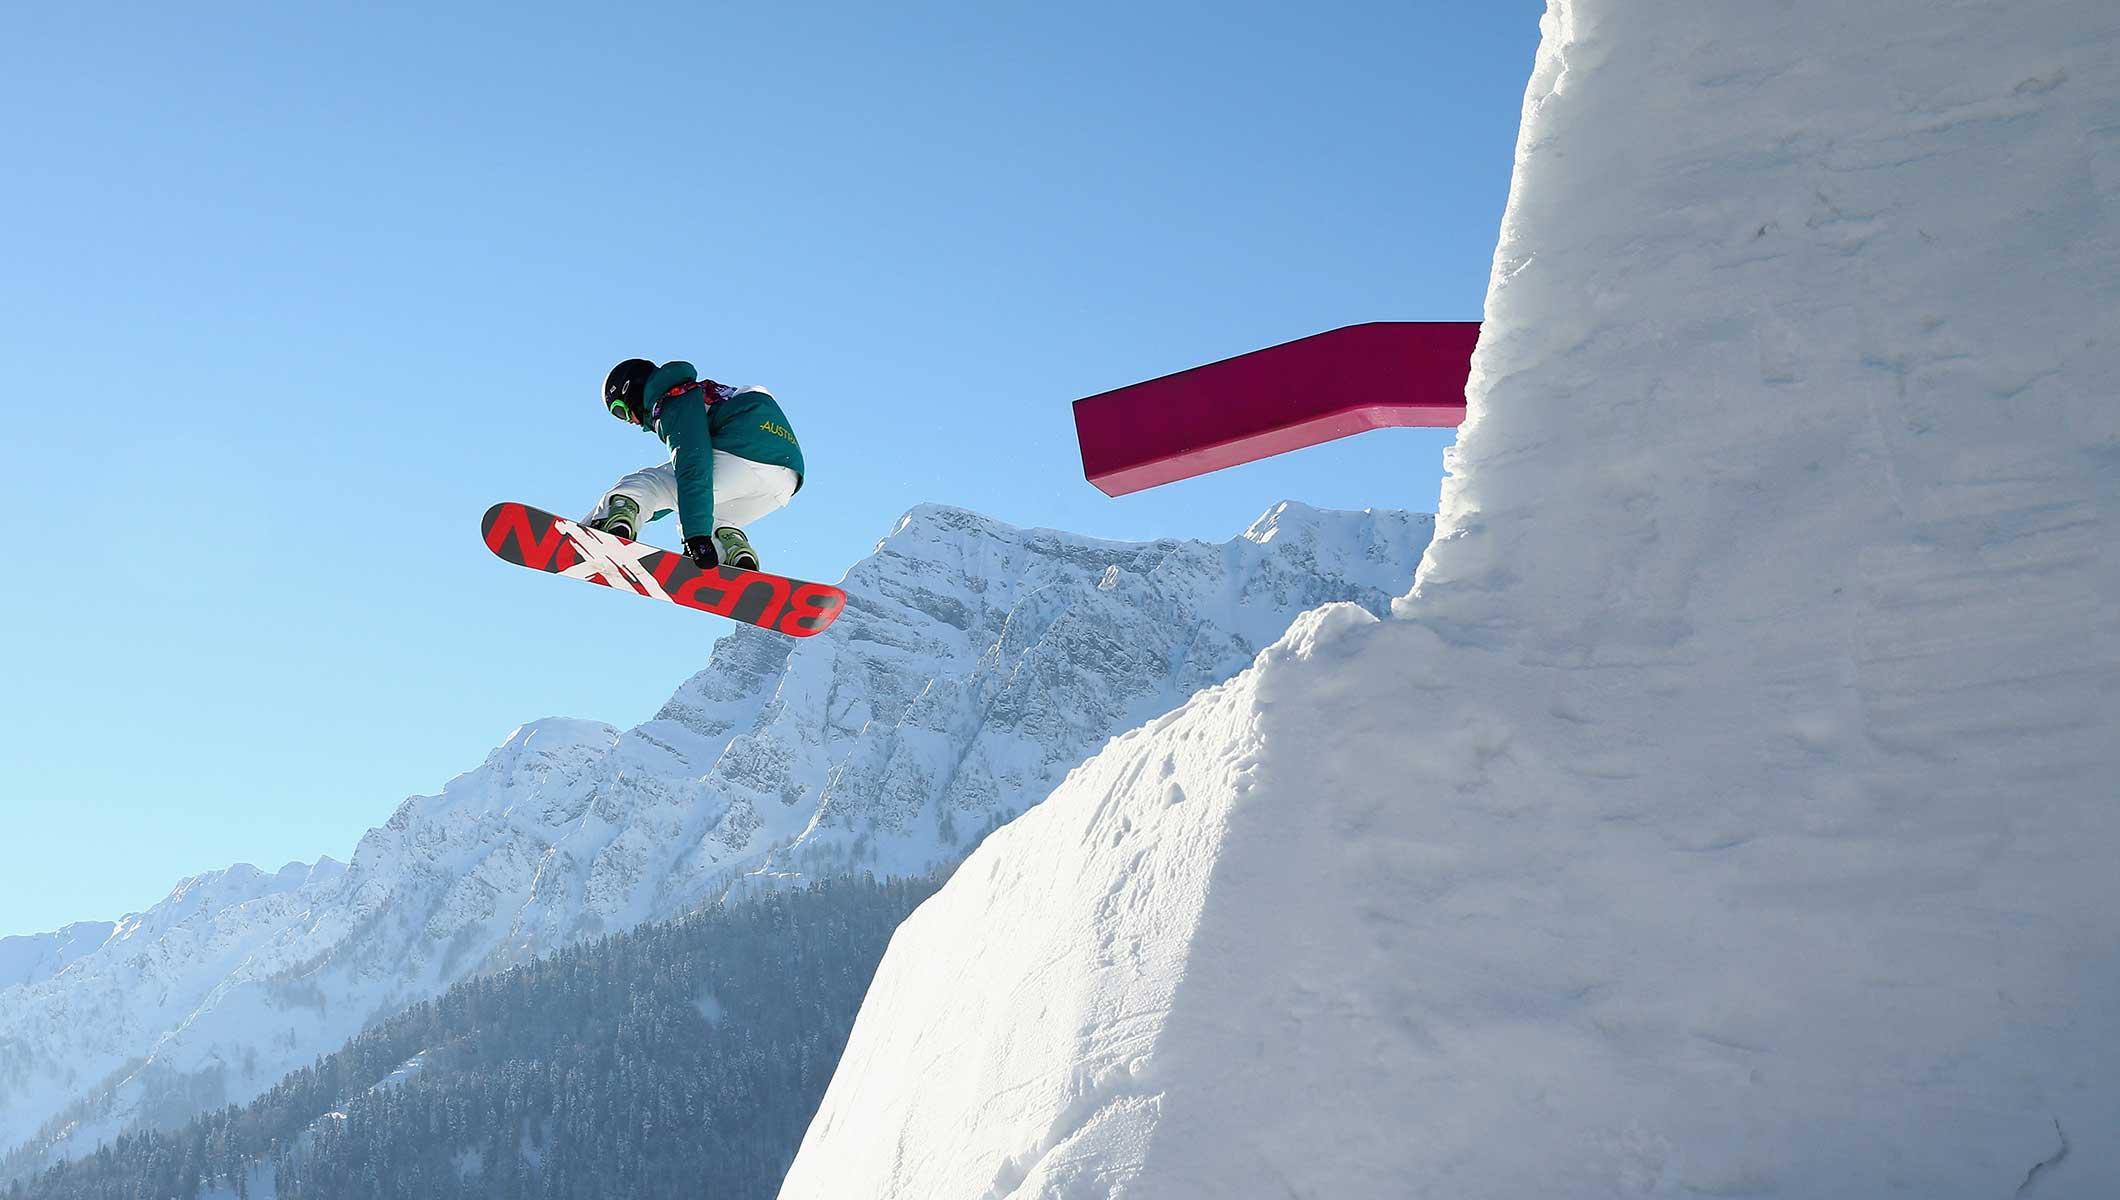 <p>Если лыжи катят &#8212; это 70% успеха. Лыжники, сноубордисты и горнолыжники готовят лыжи, не торопясь, с любовью. В этом деле пригодиться оборудование компанииMASTER SKY &#8212; столы-профили для подготовки лыж, сноубордов. Прочный профиль с полимерным покрытием, места для размещения утюга, мазей и щеток, сборка-разборка за 10 минут, легкость переноски. Столы подойдут [&hellip;]</p>